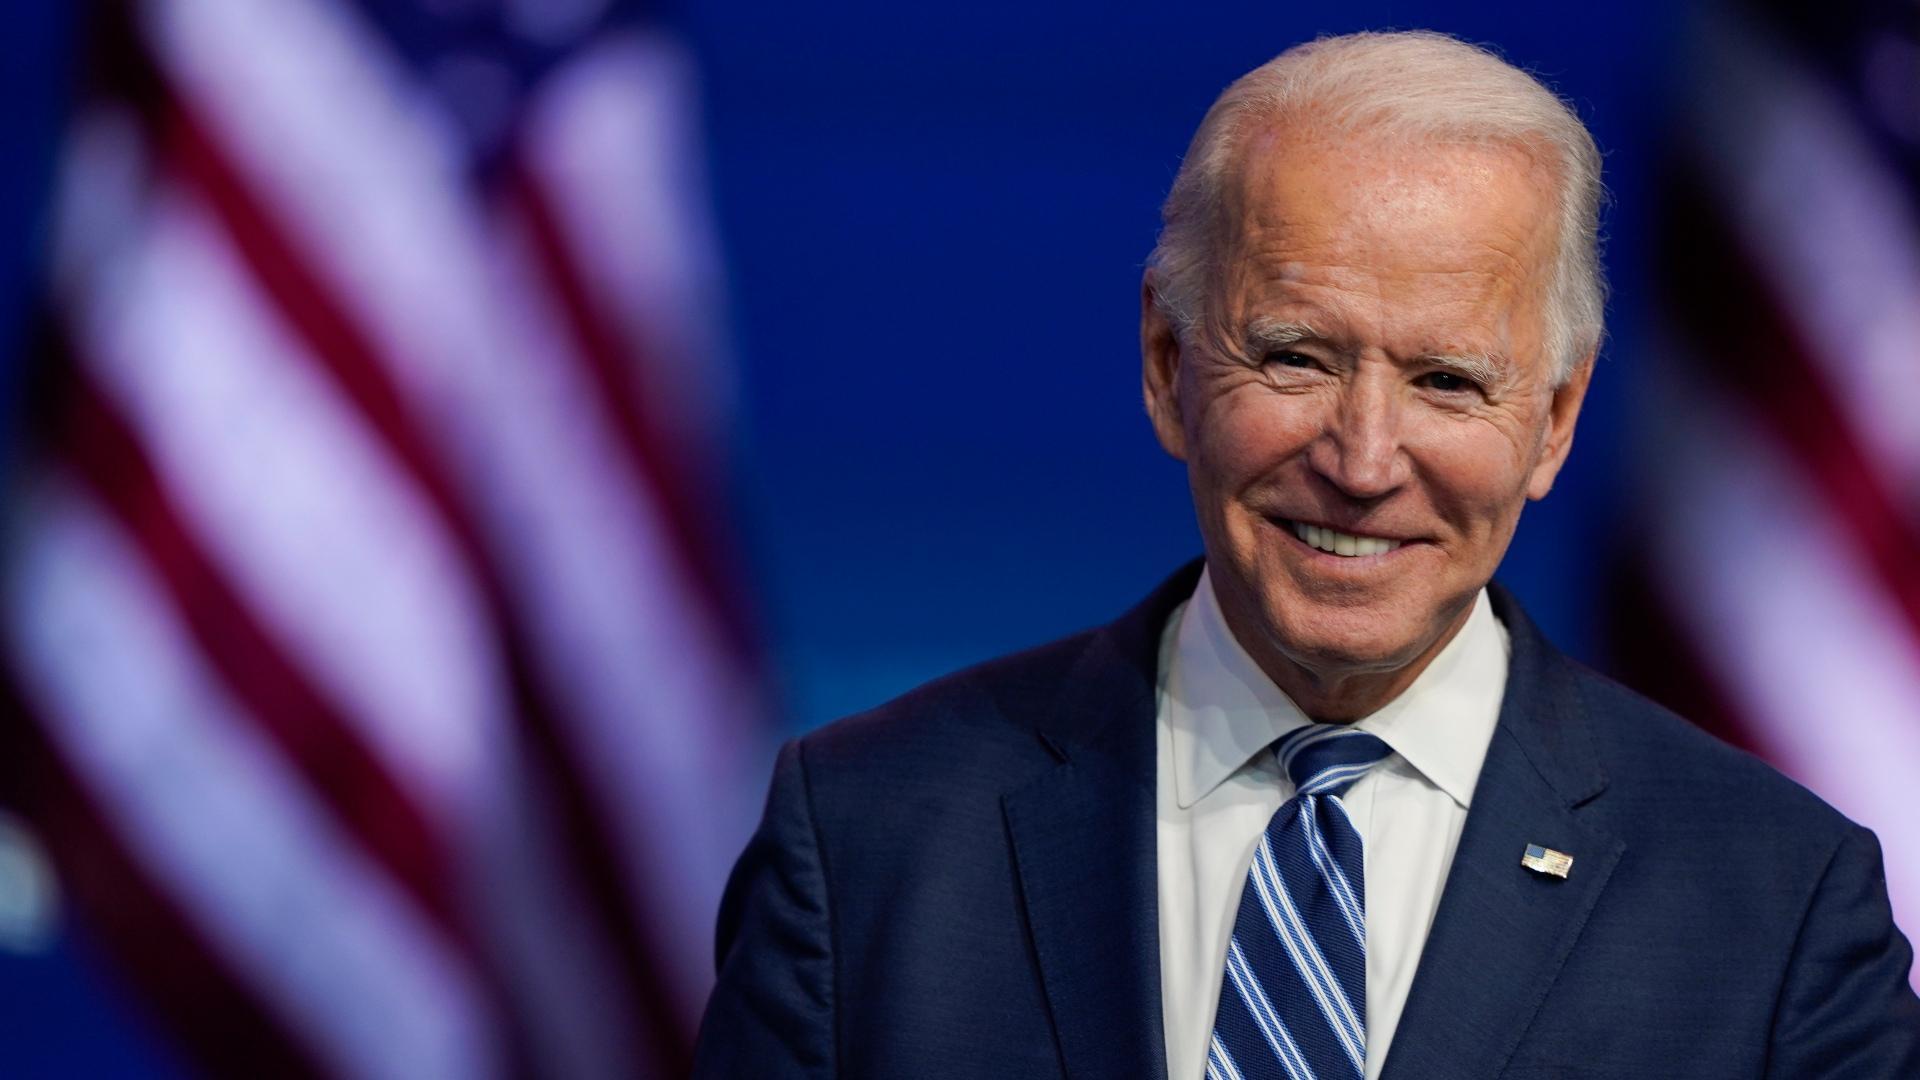 El inicio del gobierno de Joe Biden: Dos meses y solo un 8% de promesas cumplidas